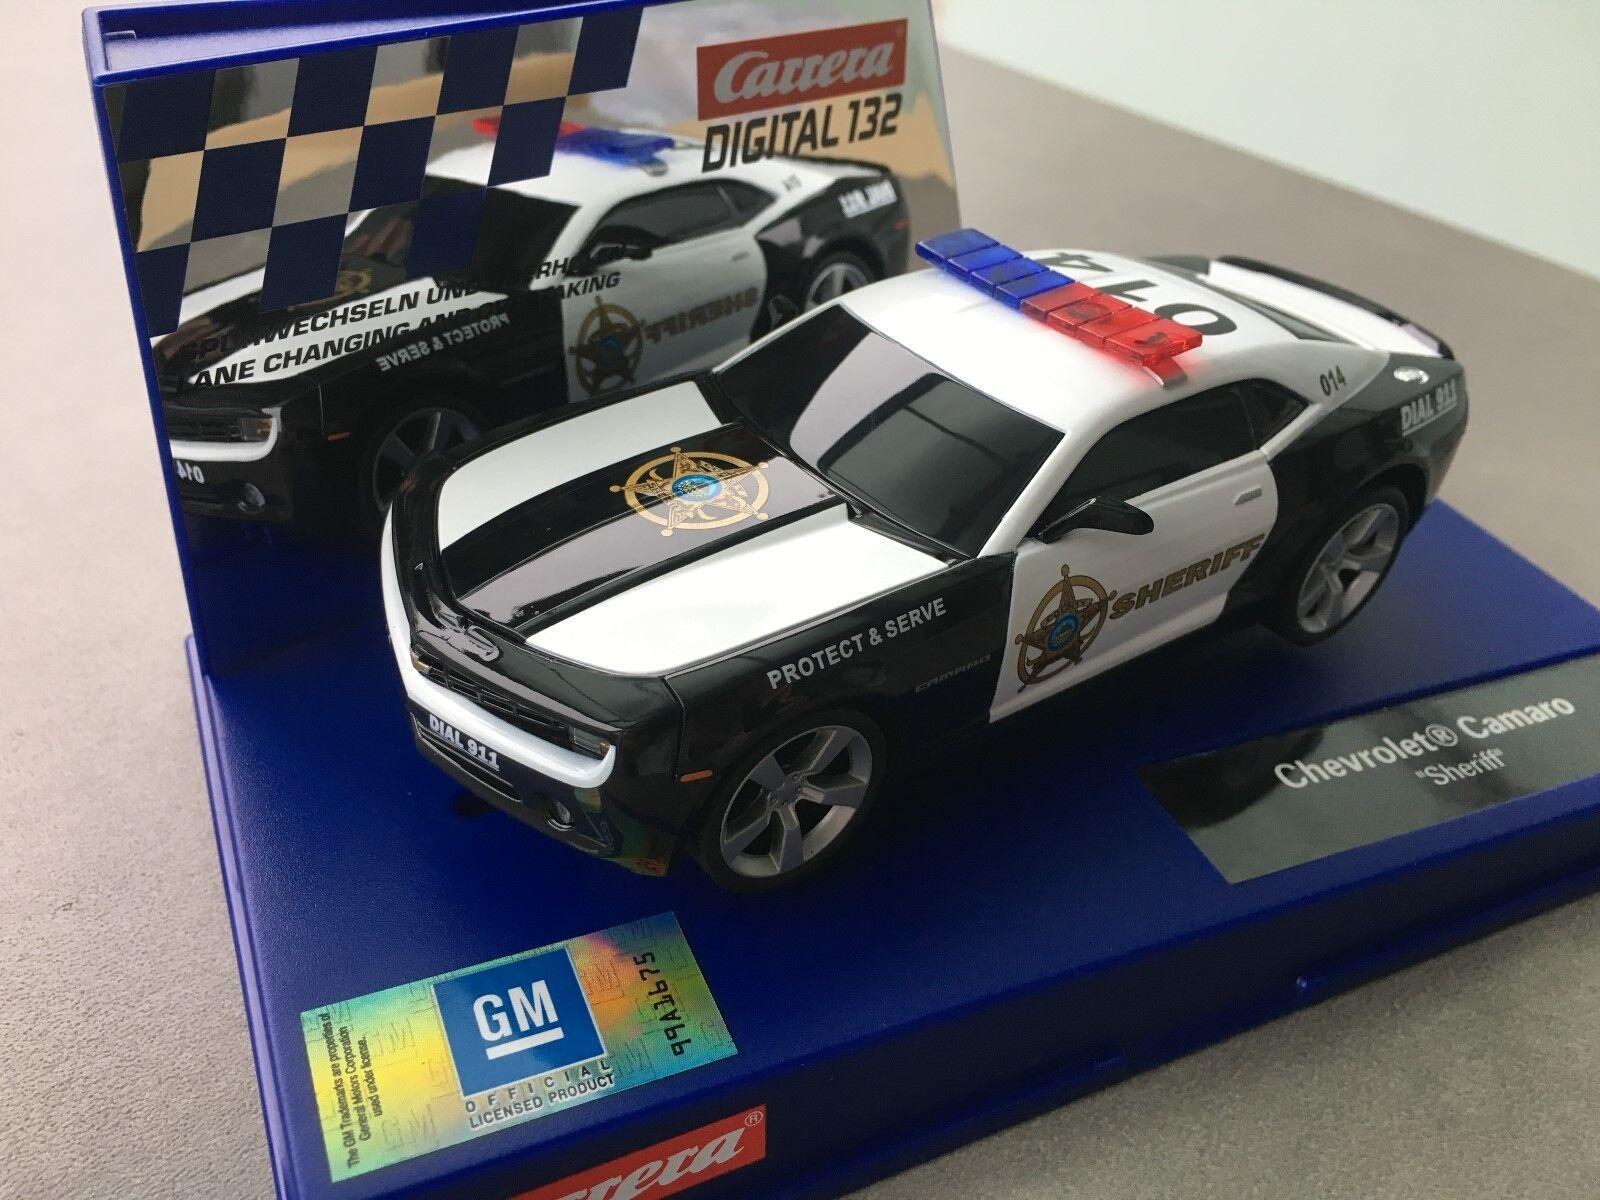 Carrera Digital 132 30756 Chevrolet Camaro   Sheriff   Flashing Light Nip